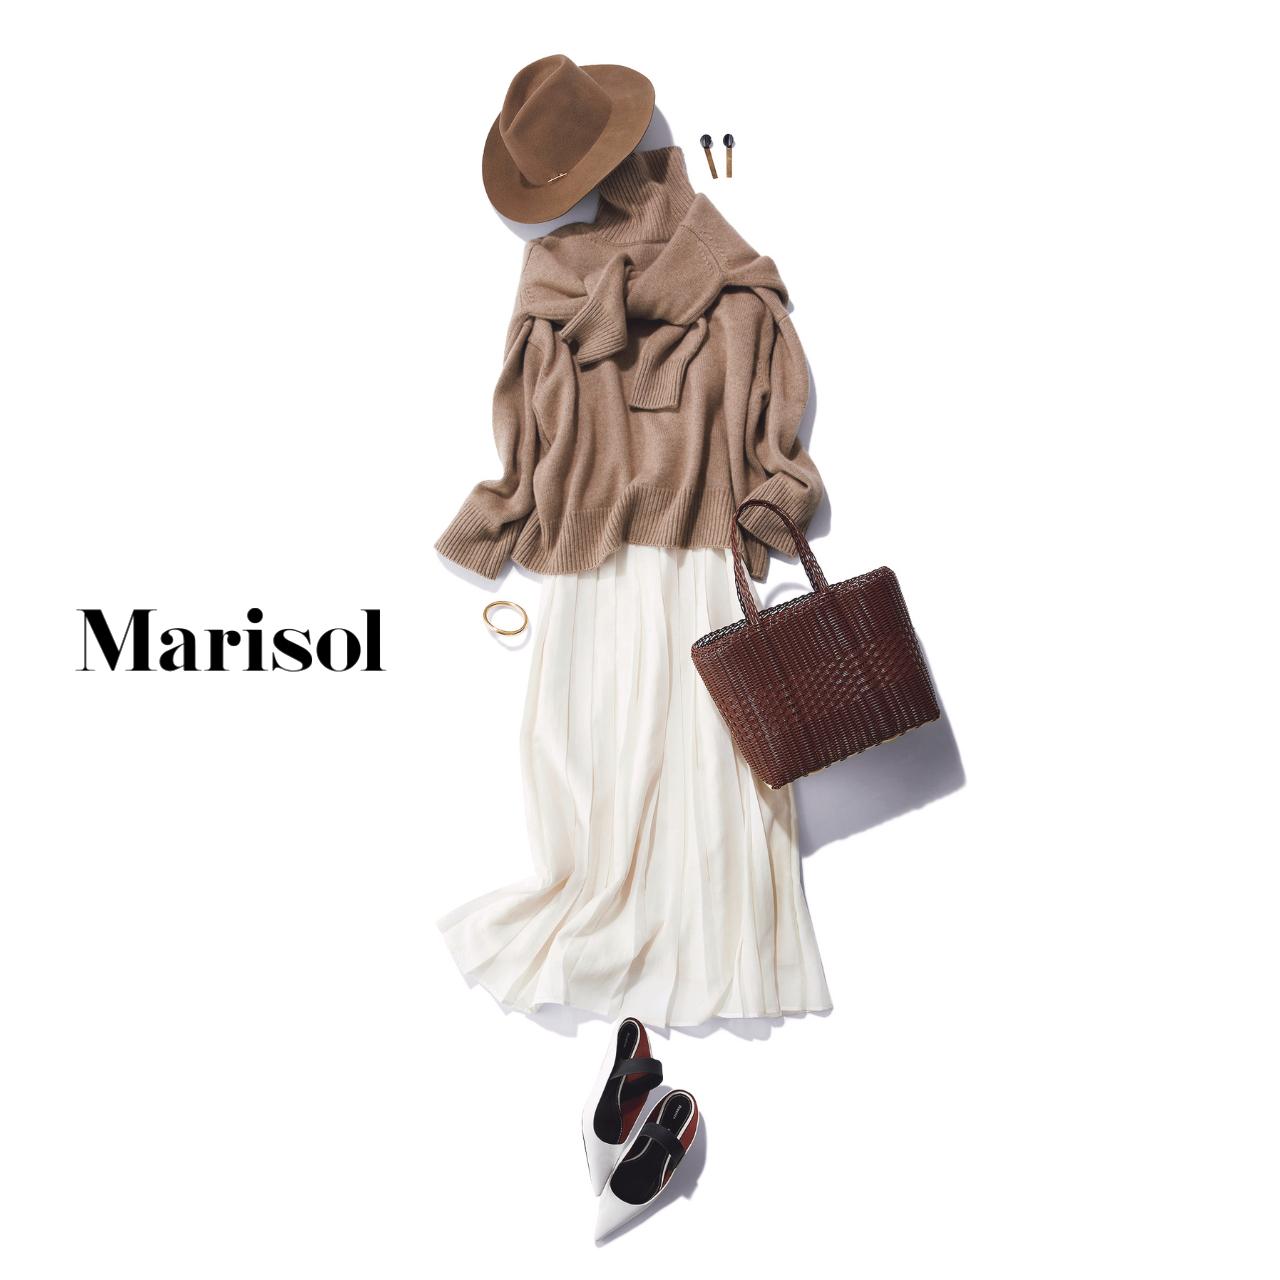 40代ファッション モカベージュニット×白スカートコーデ